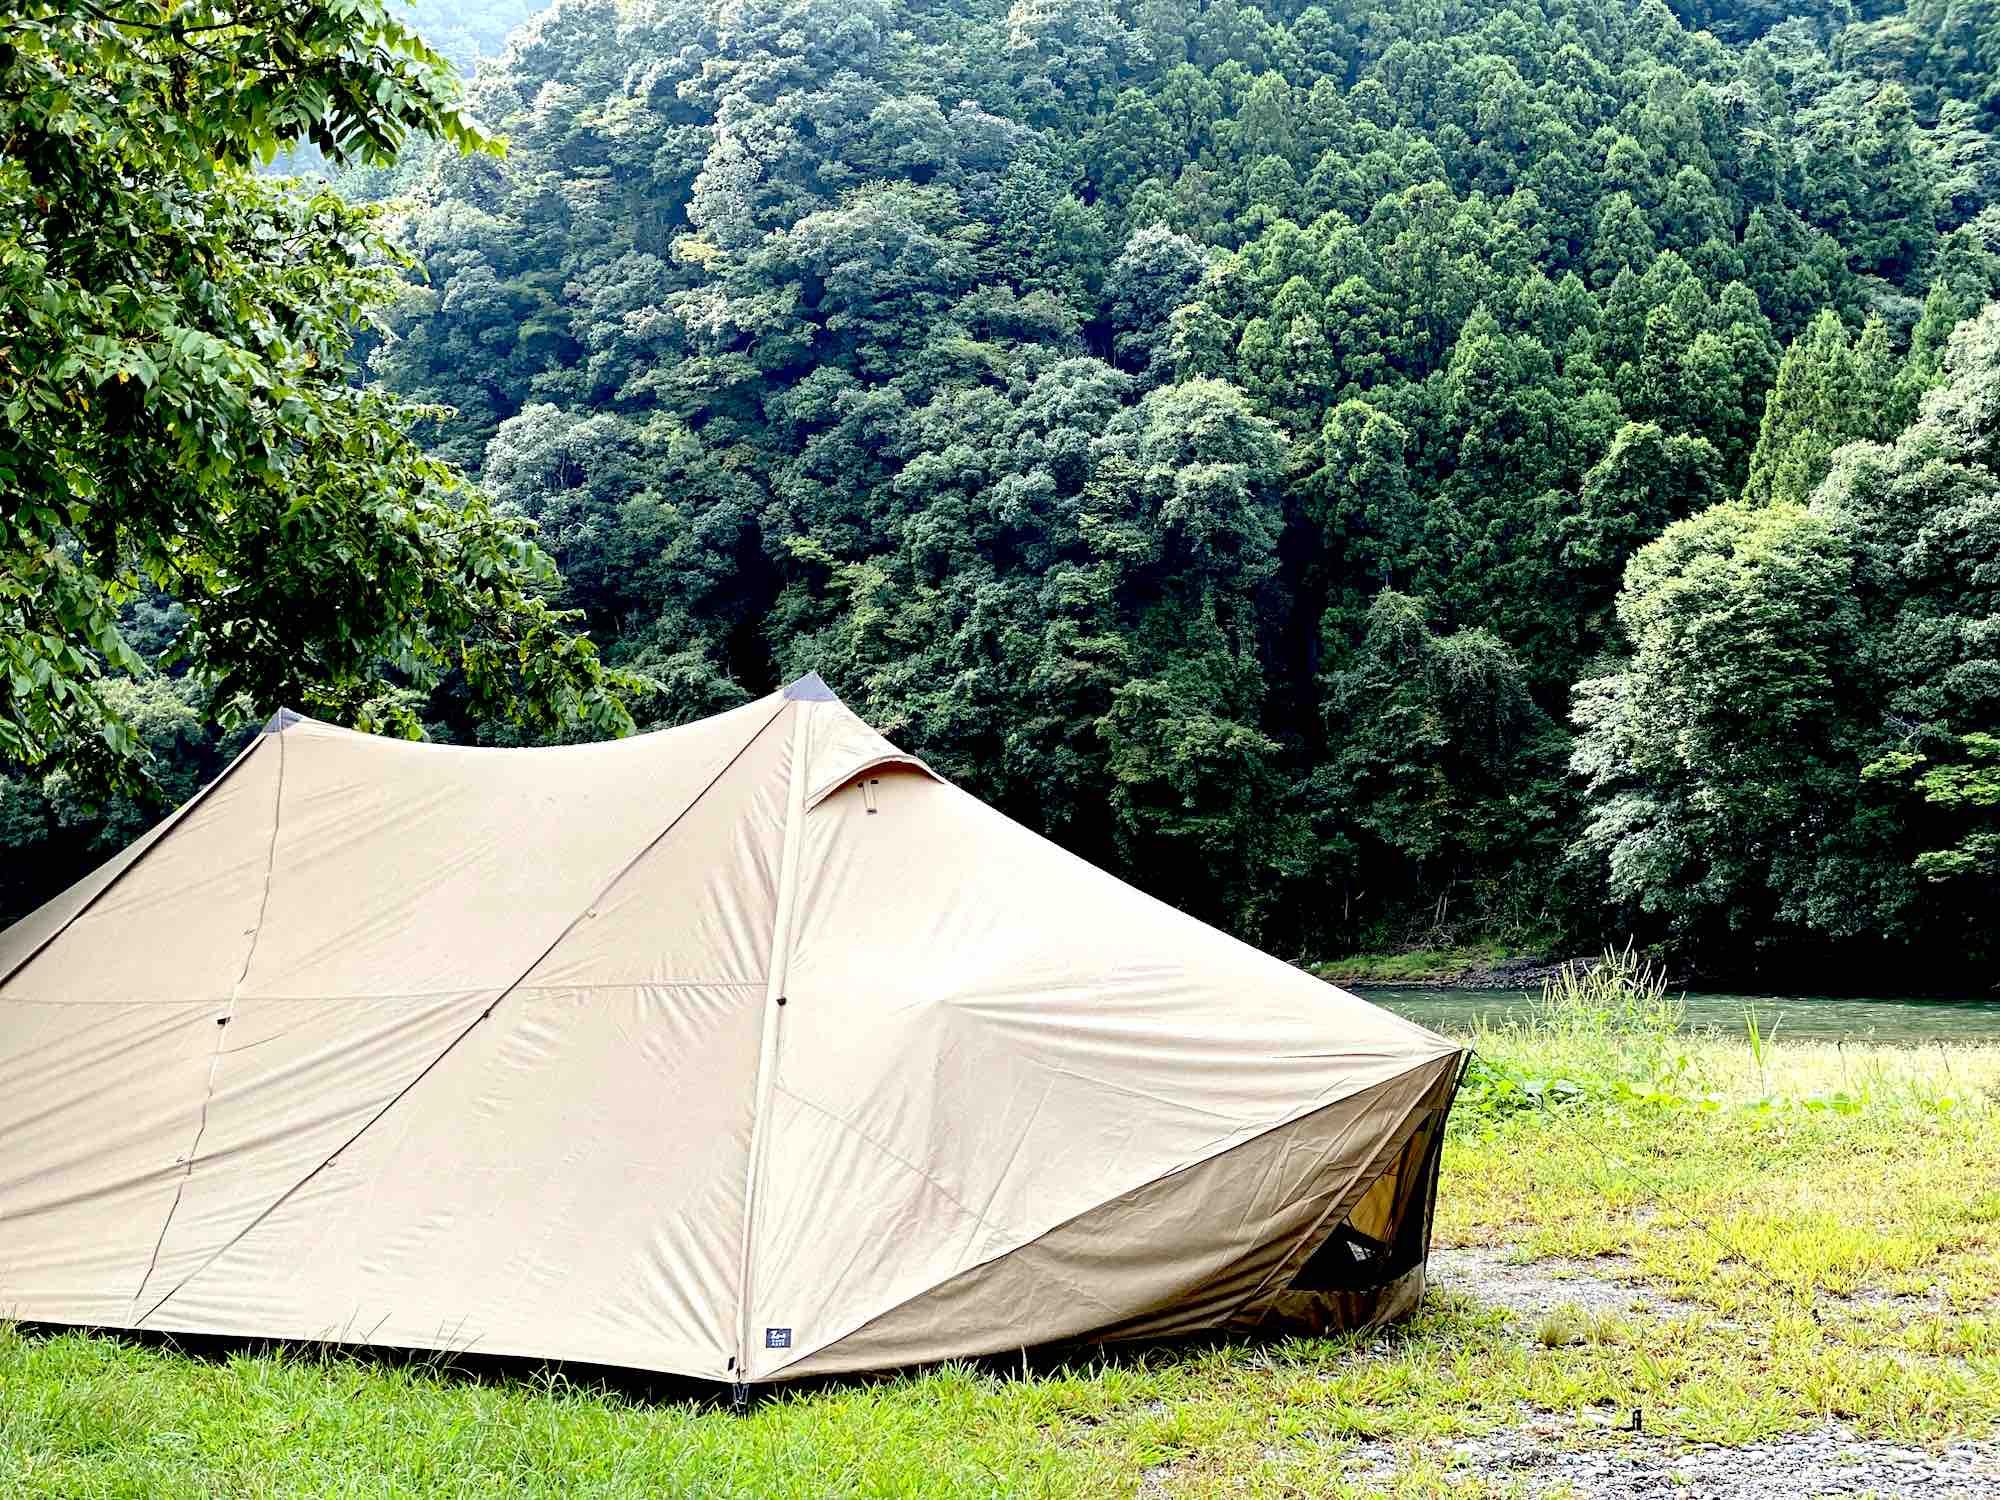 ポールテントを二又化して、快適な居住空間を手に入れよう!